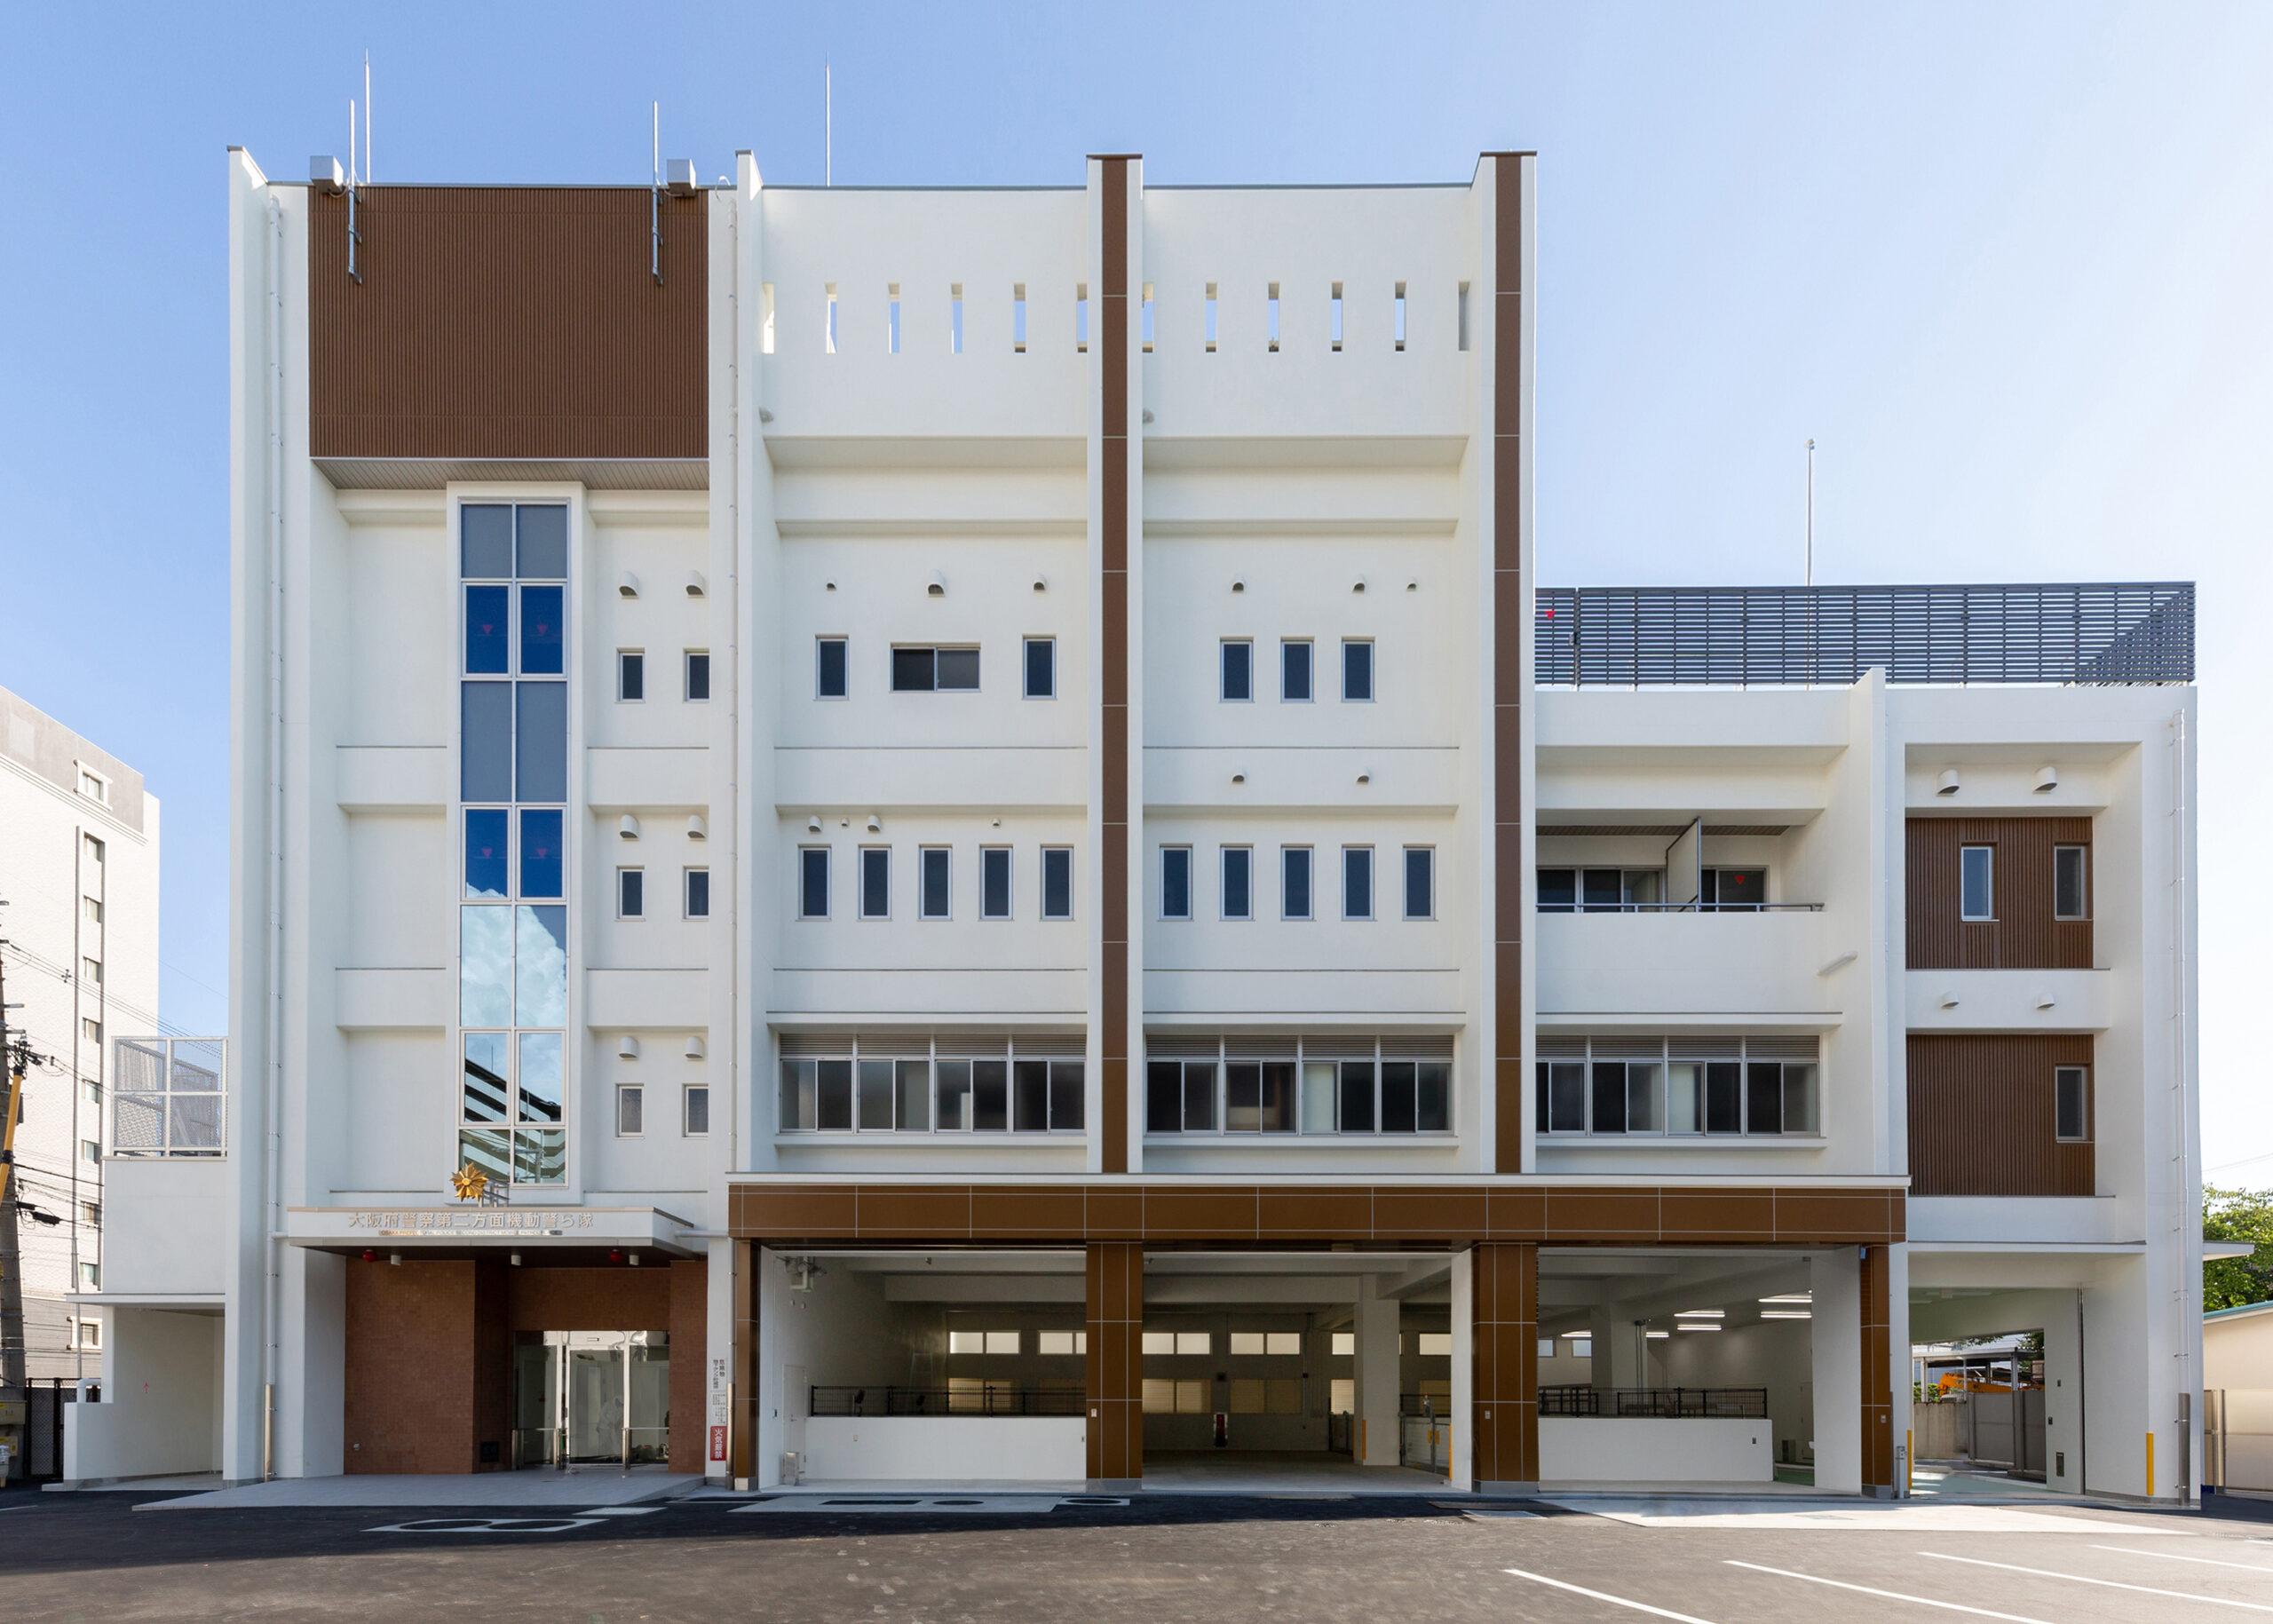 大阪府警察第二方面機動警ら隊庁舎